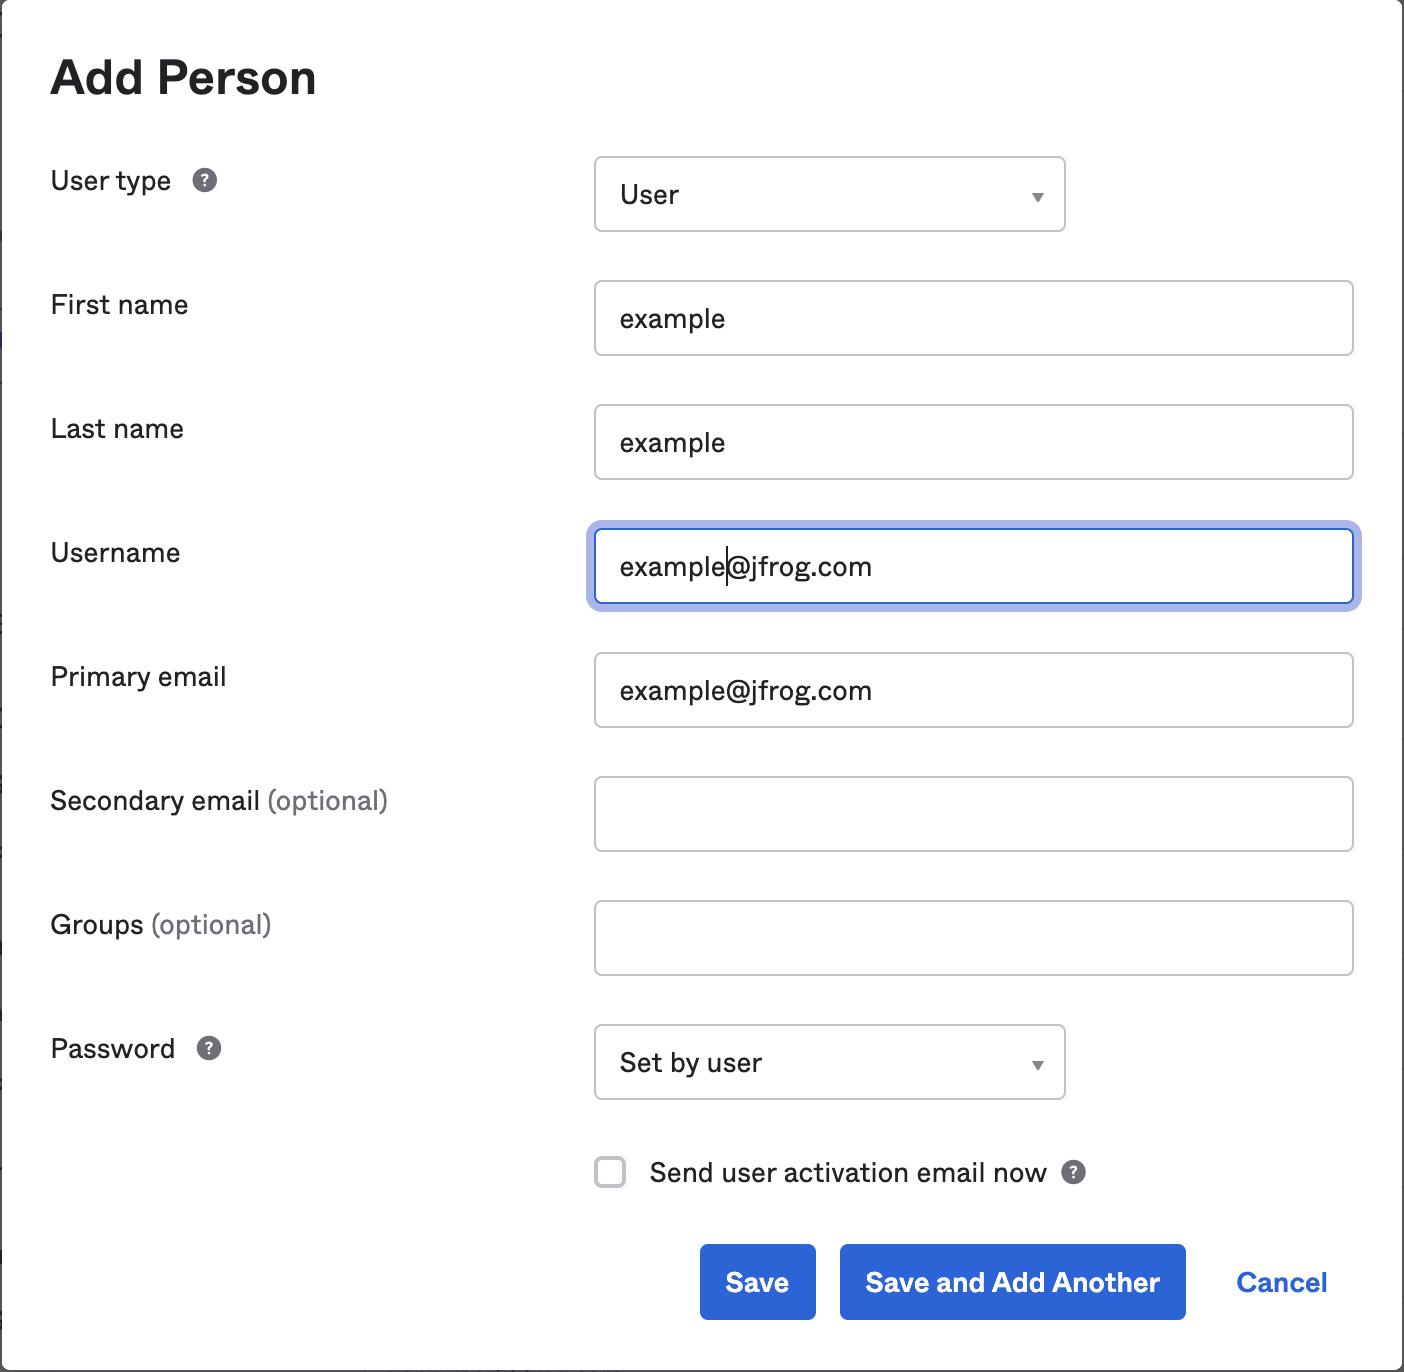 Directory_Add Person